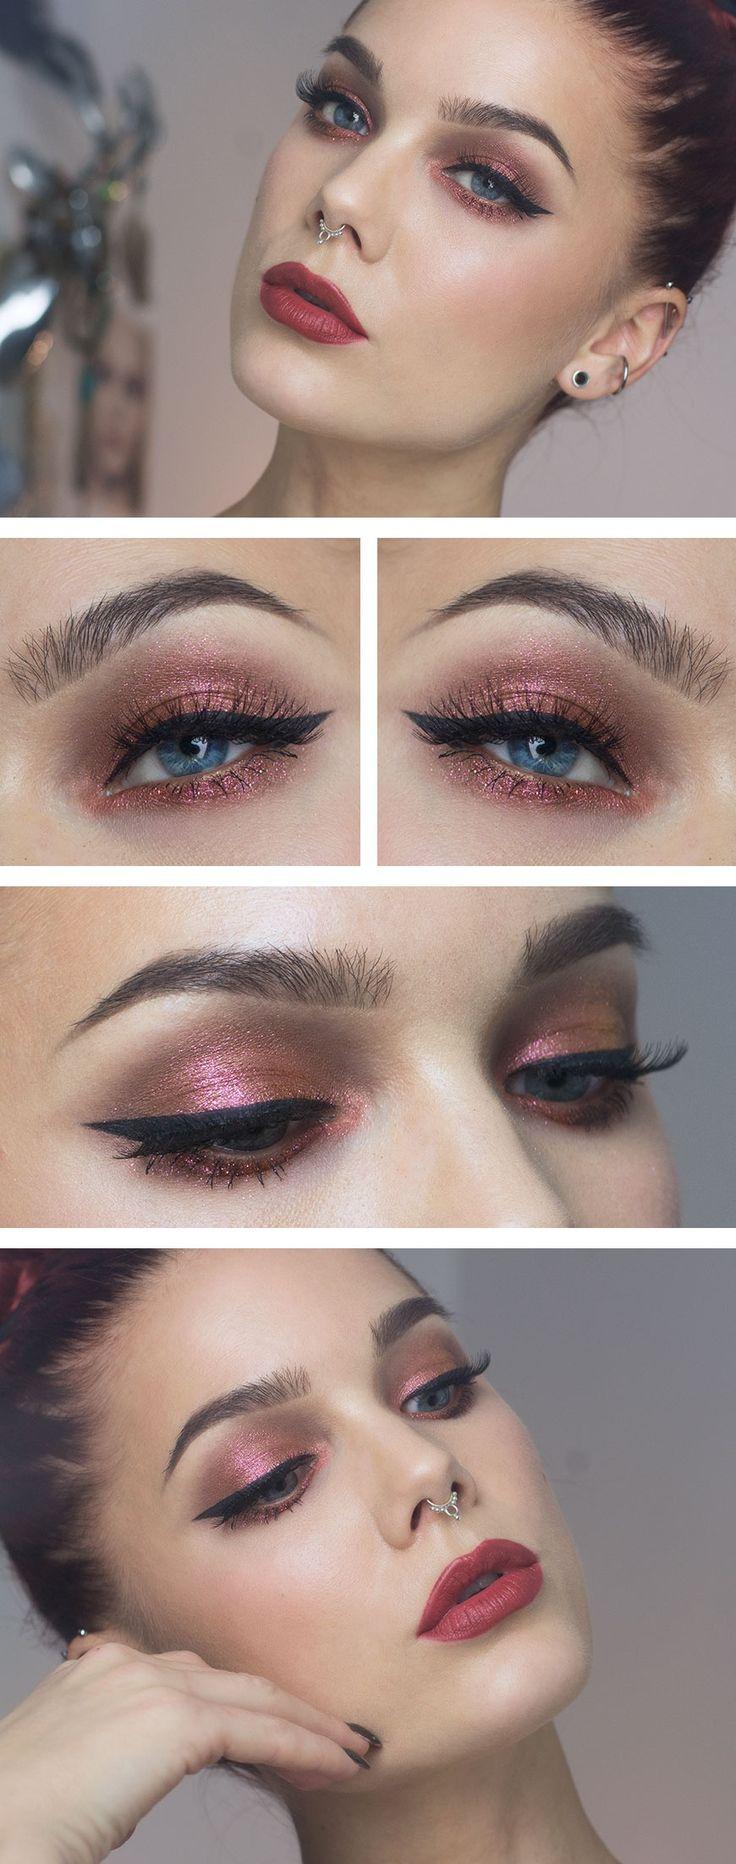 Jag har använt/I've used Yves rocher Ultra long long-lasting cream eyeshadow Paris Berlin La... | JenL.